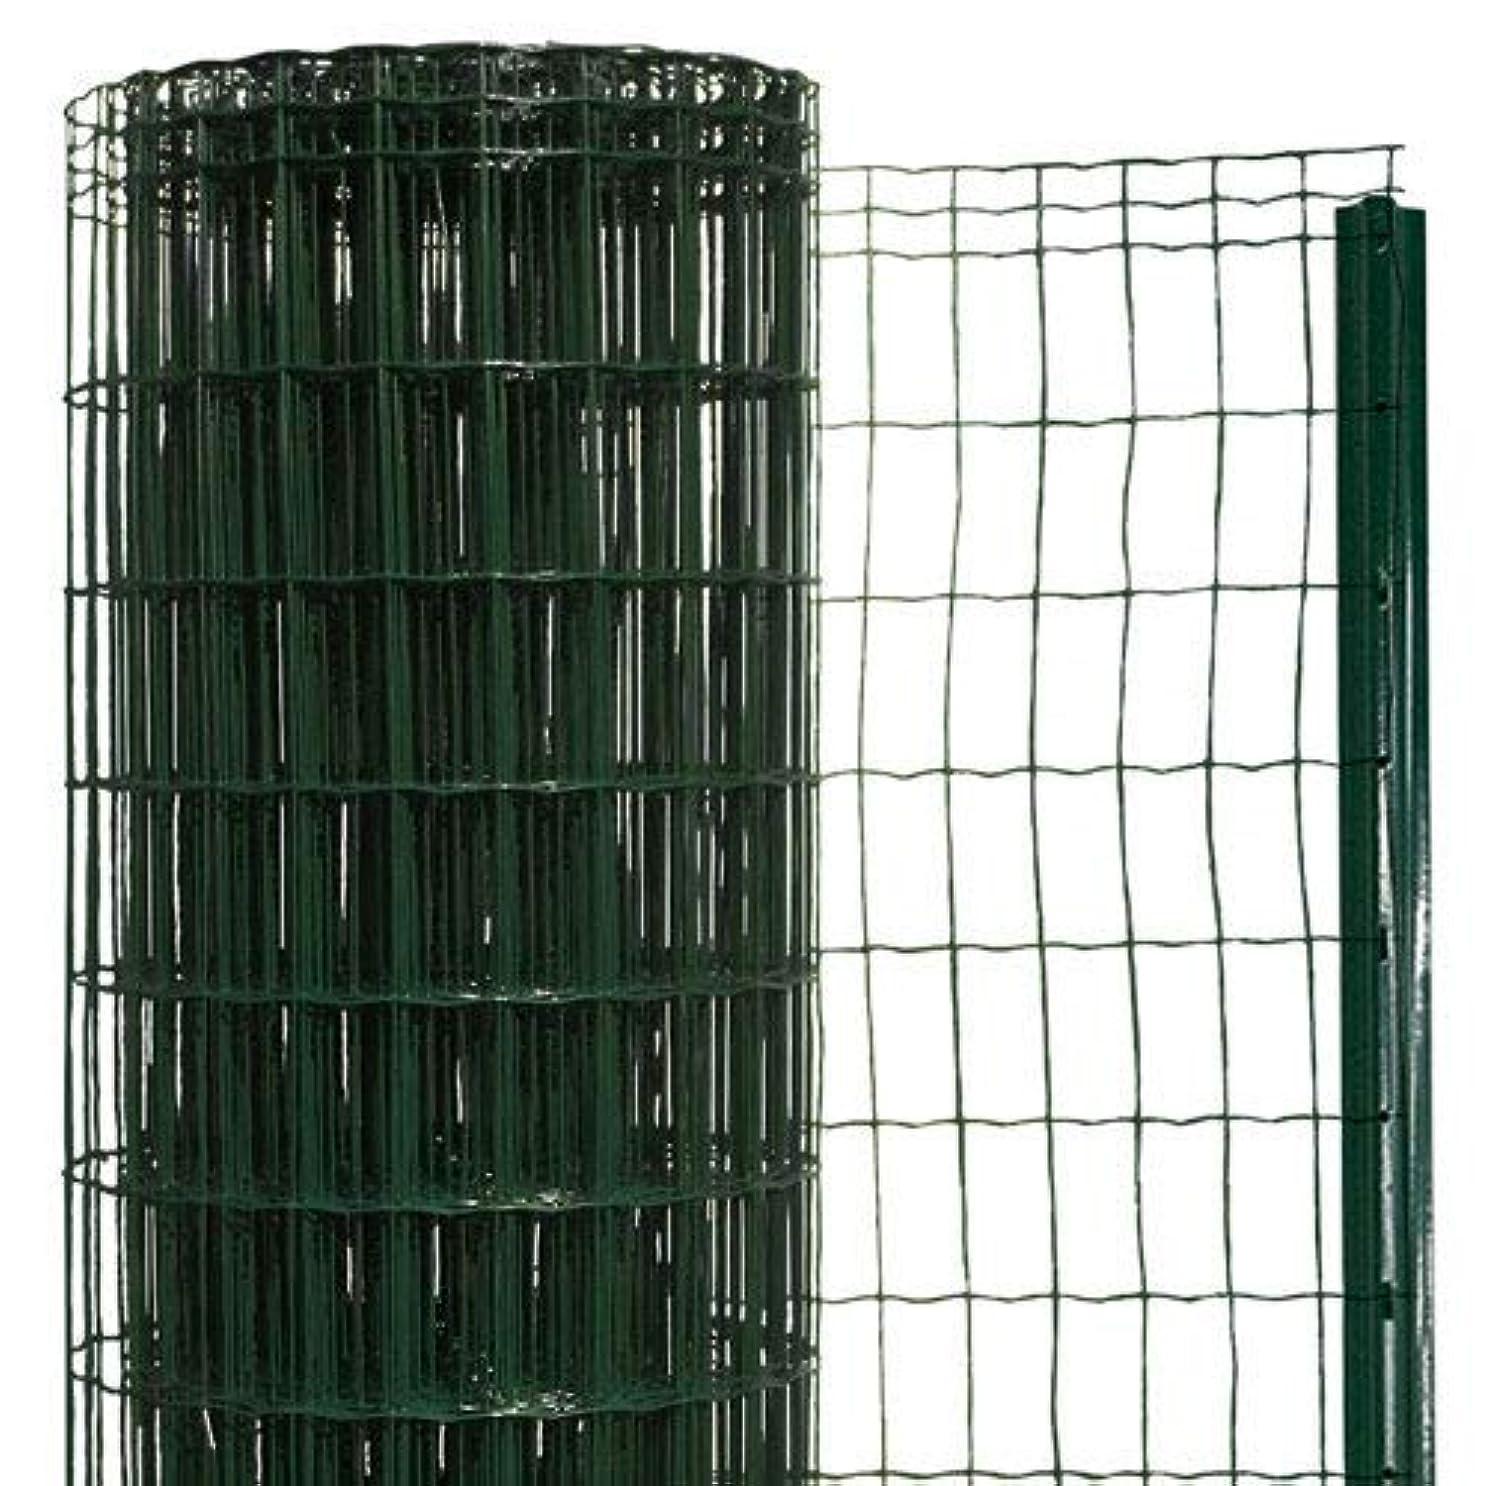 スリルショート多年生簡単金網フェンス?改良型 1800 ネット+支柱セット 【高さ:1.8m?長さ:20m?防錆処理+PVC加工】